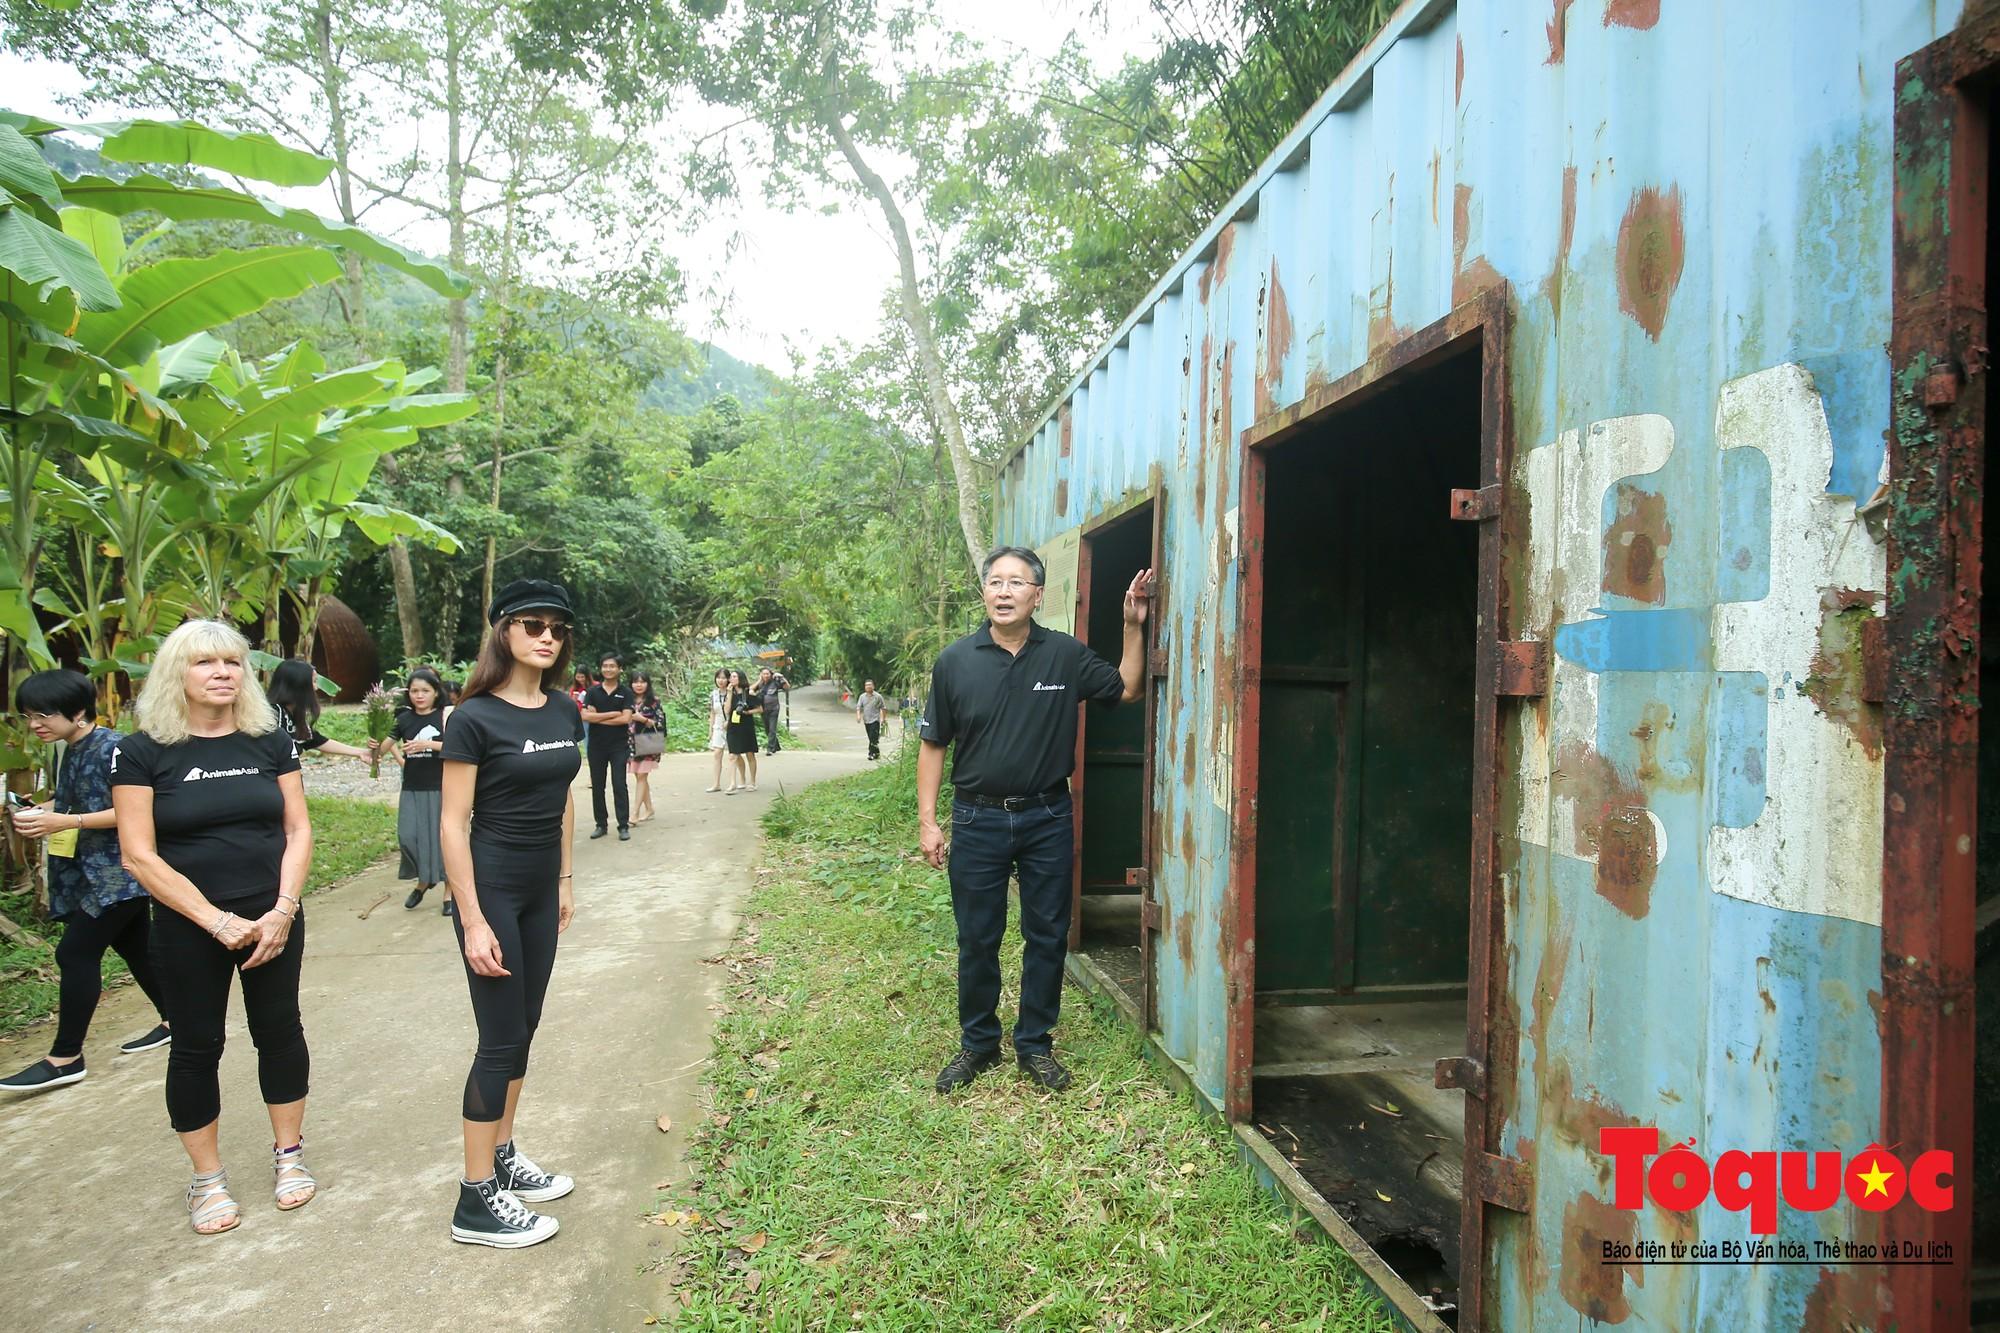 Ngôi sao Hollywood người Mỹ gốc Việt Maggie Q thăm Trung tâm Cứu hộ Gấu Việt Nam và đặt tên cho một chú gấu8